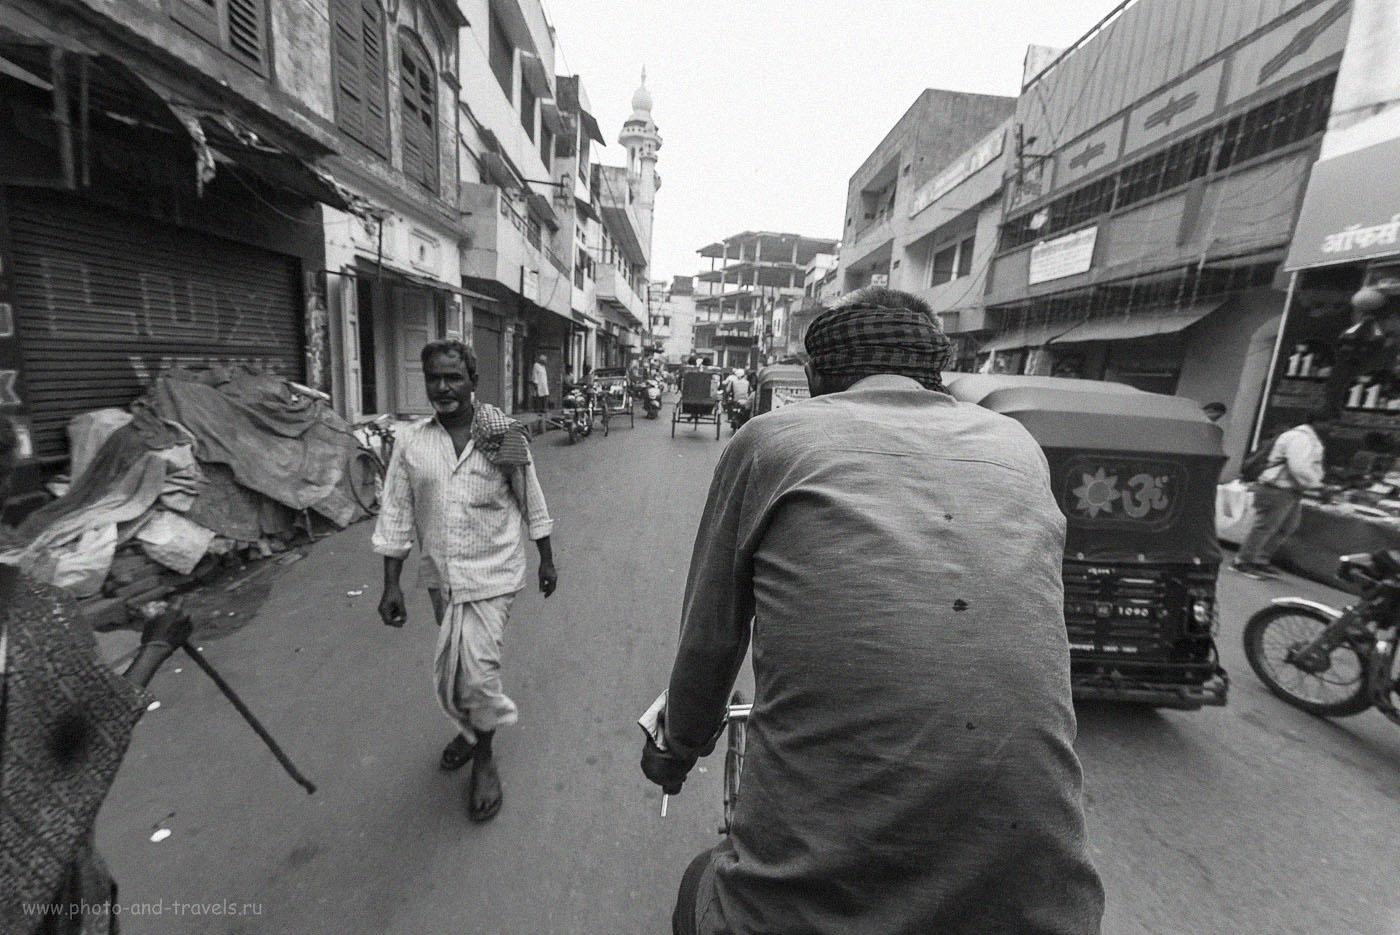 Фотография 27. В нескольких городах Индии нашим транспортом был велорикша. Недорого, но медленно… Зато колоритно. 1/160, 8.0, 2500, 14.